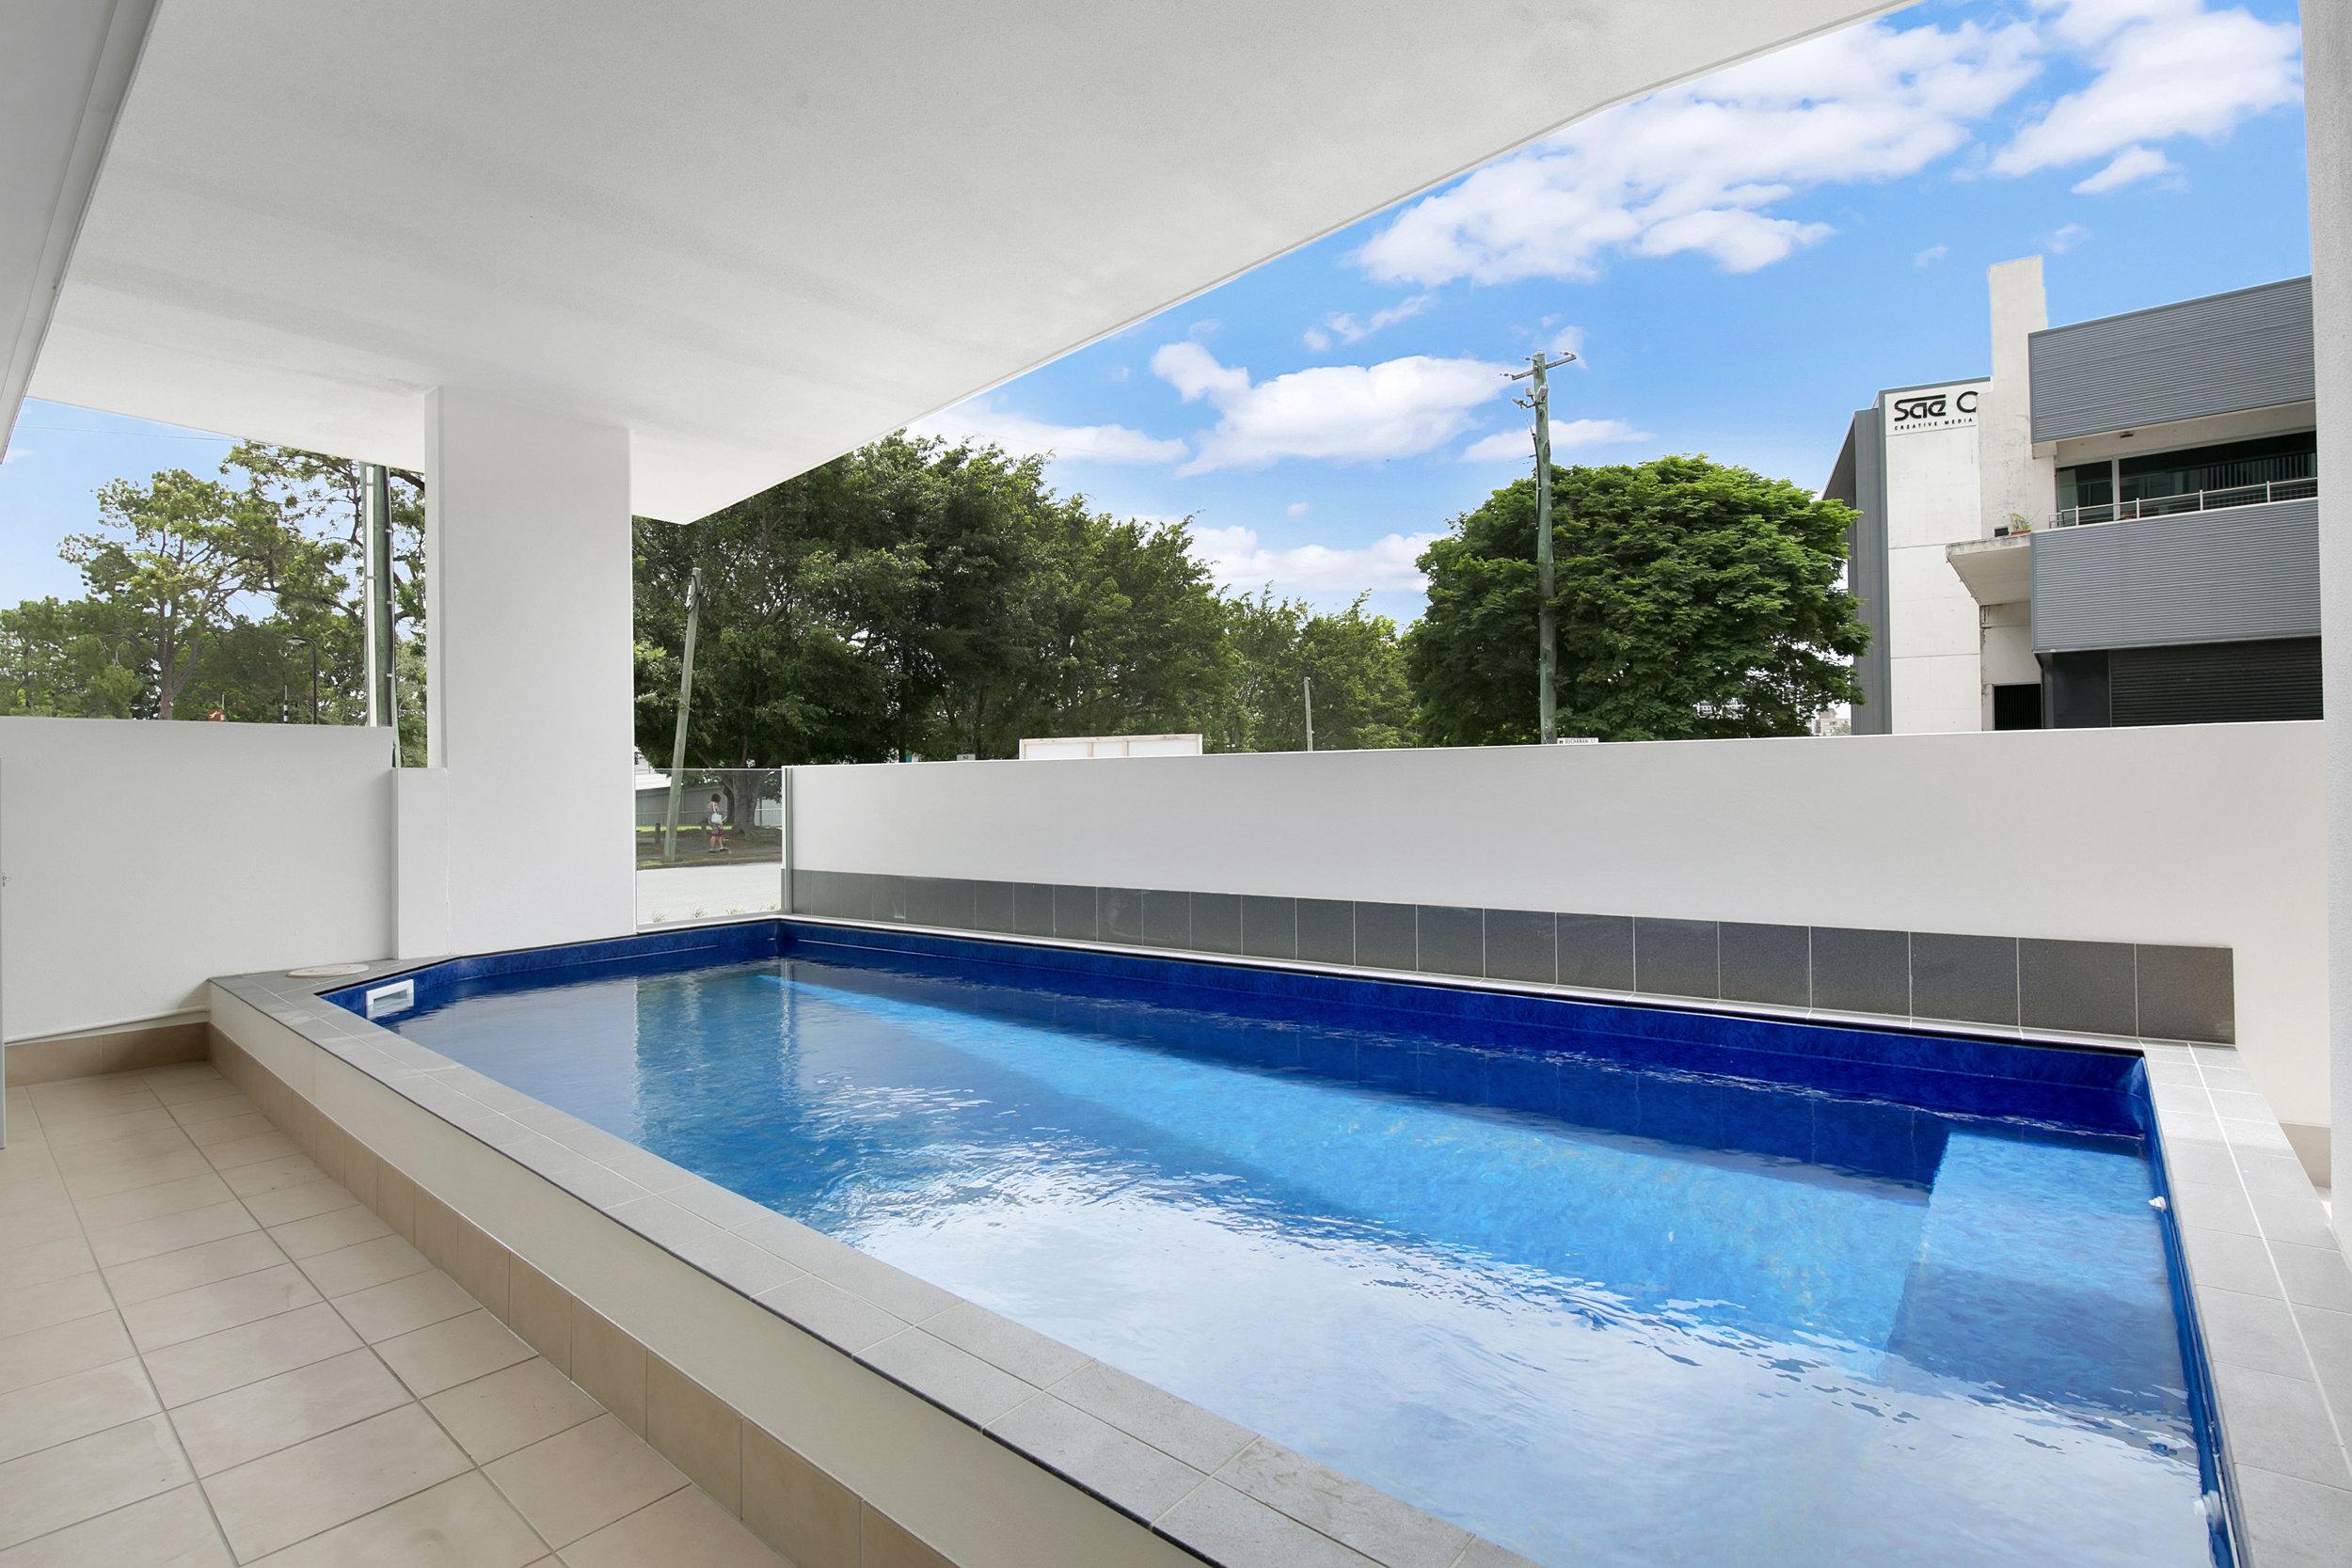 Acqua-Pool-(High-Res)B.jpg